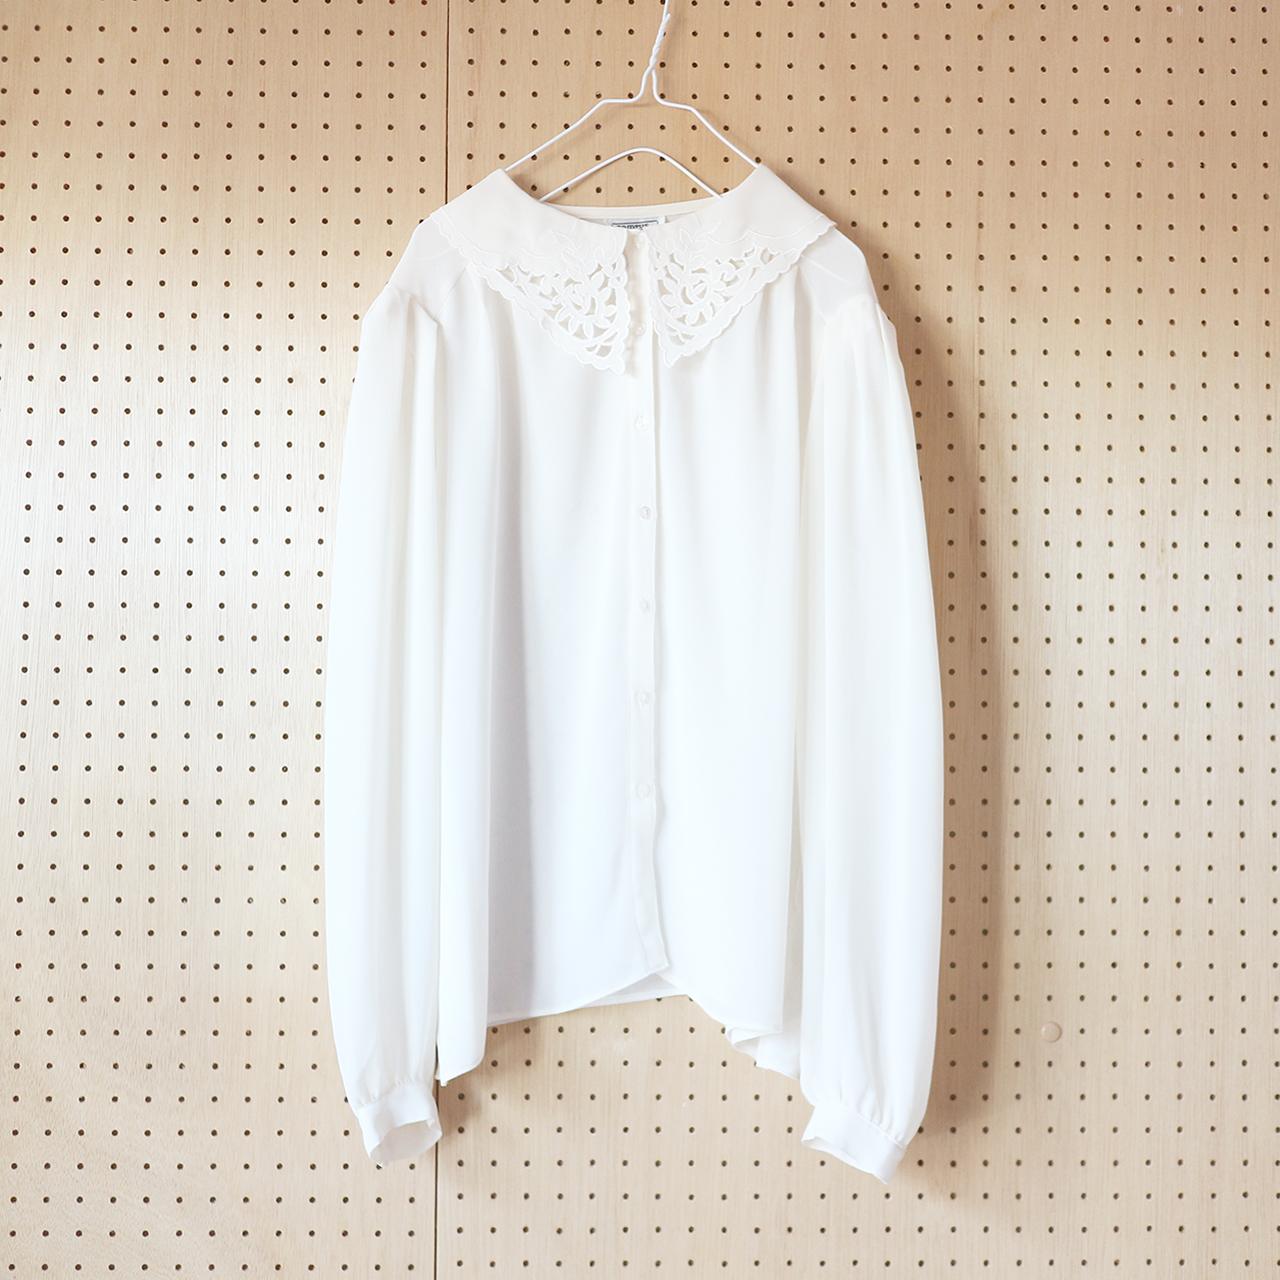 off white & lace chiffon_BL